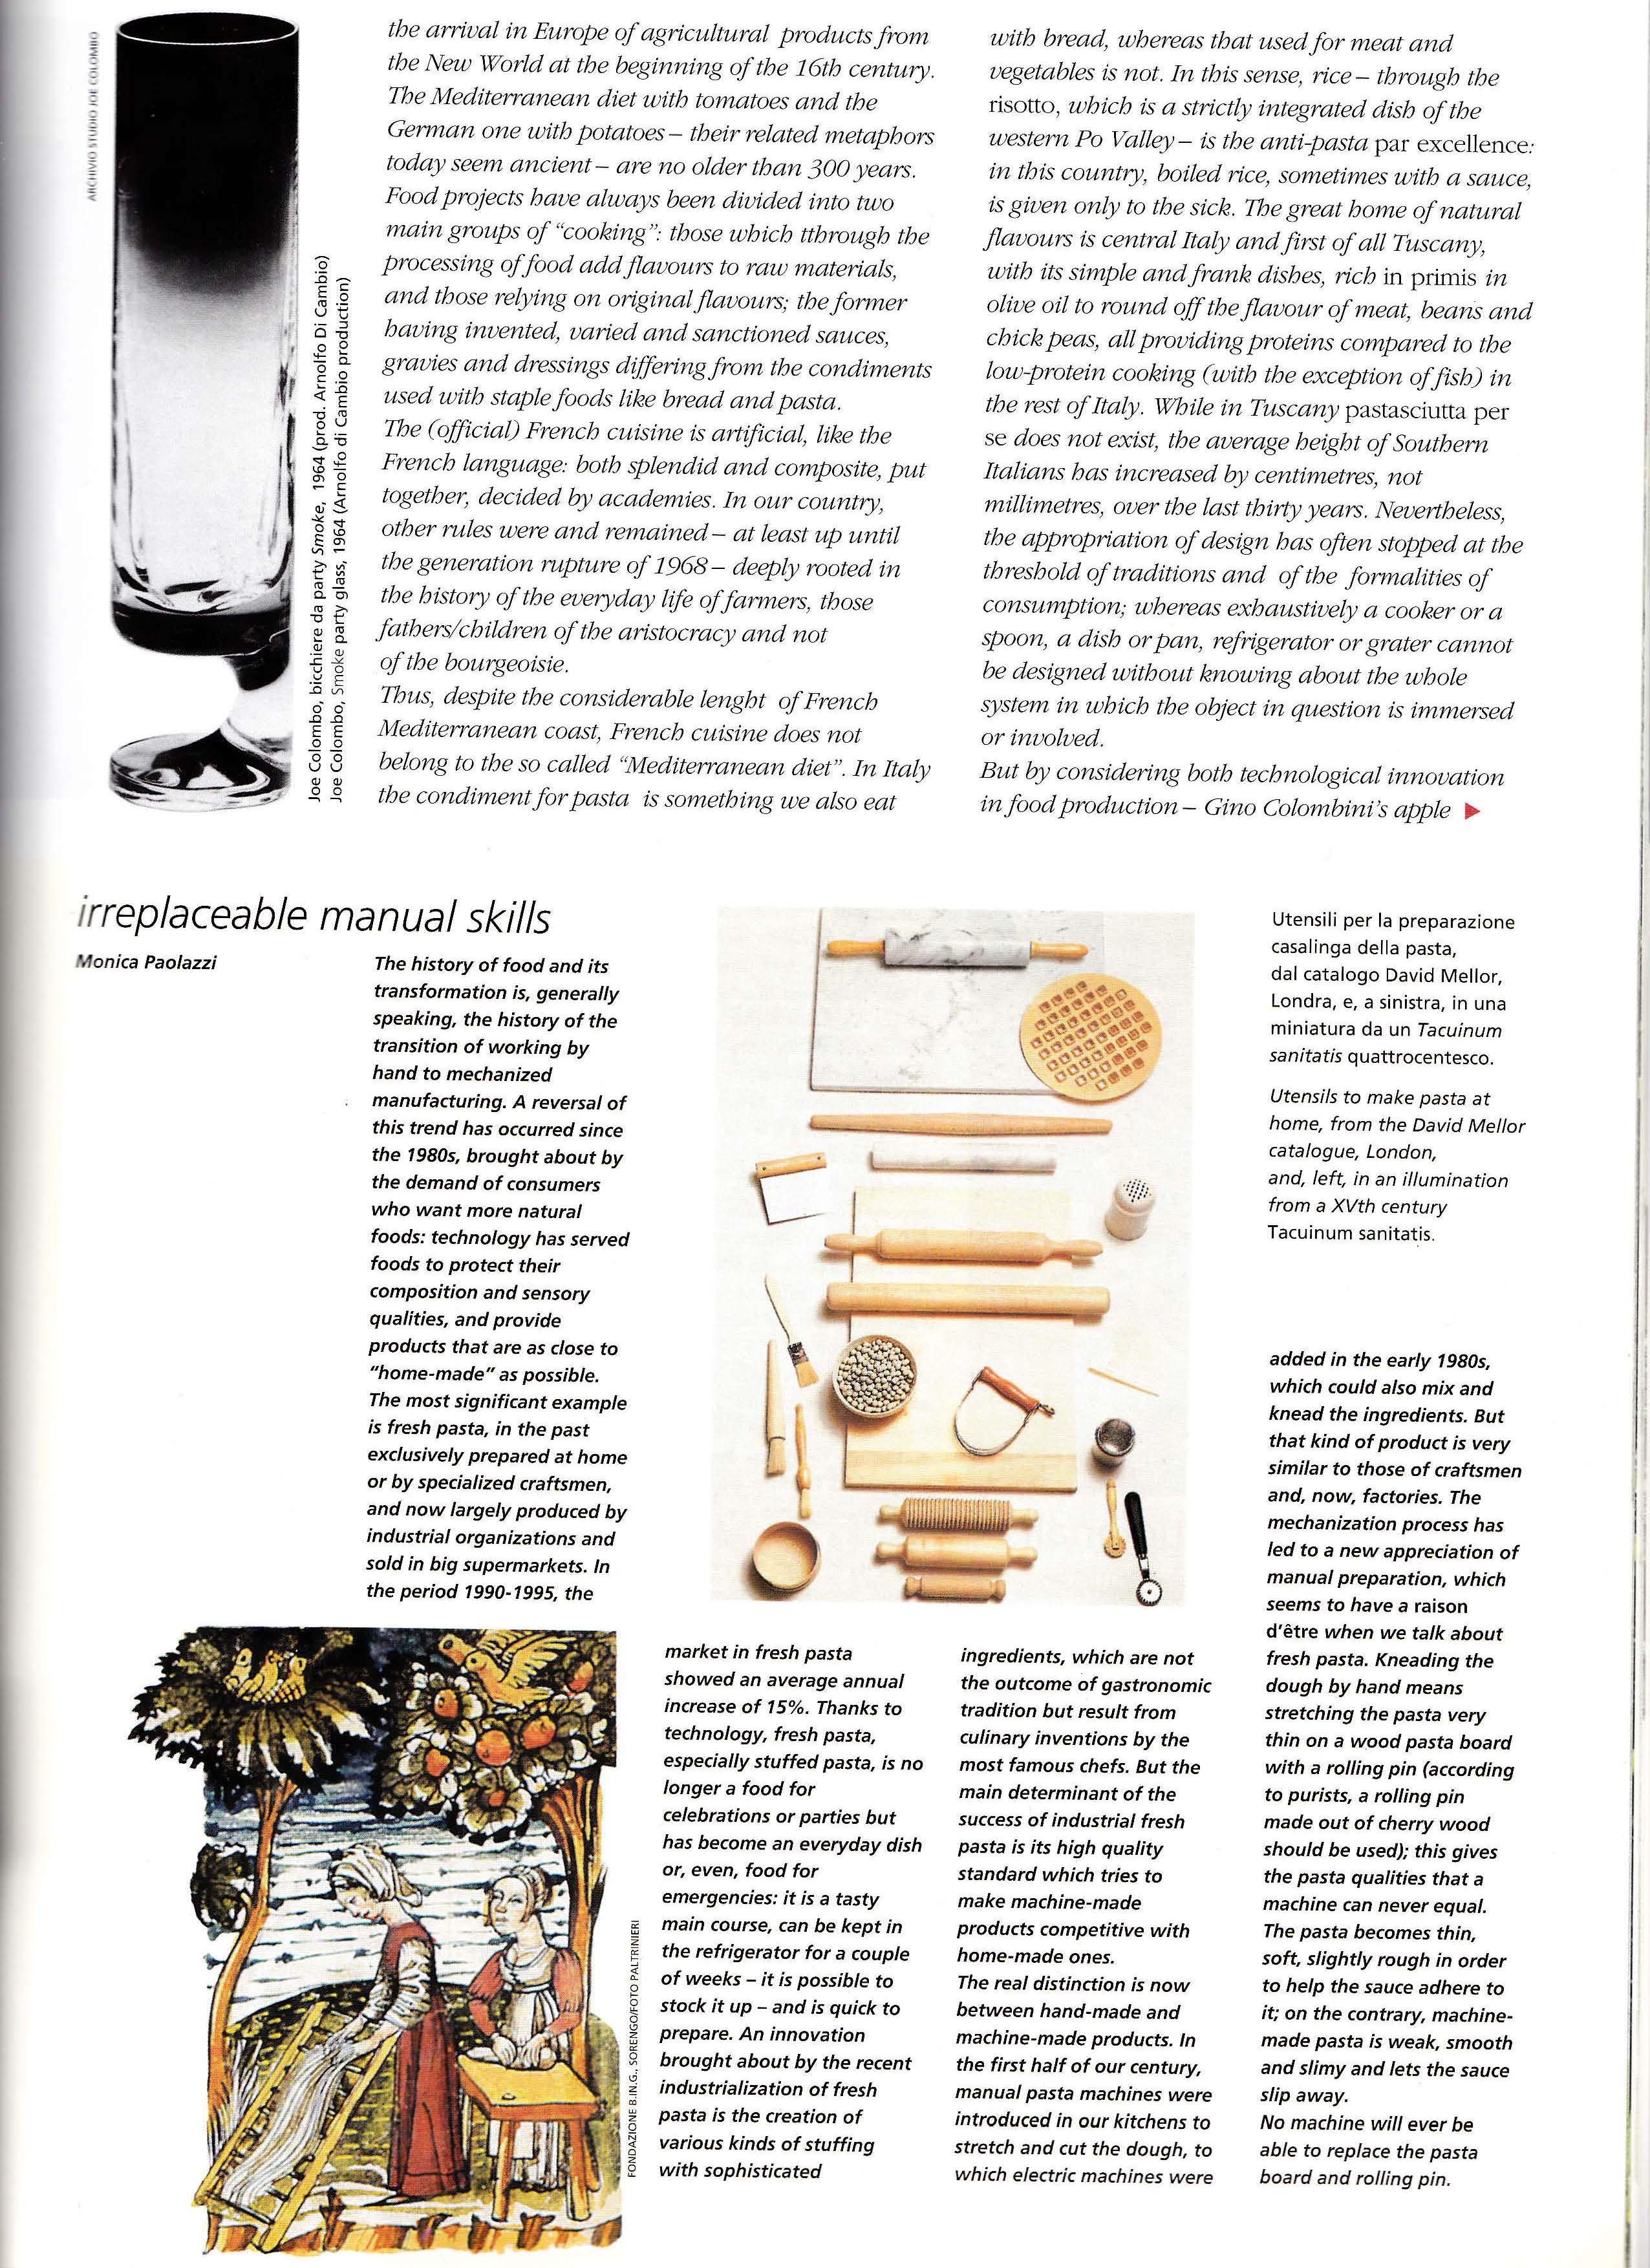 stile Industria_II_n°6_giugno1996_Pagina_5